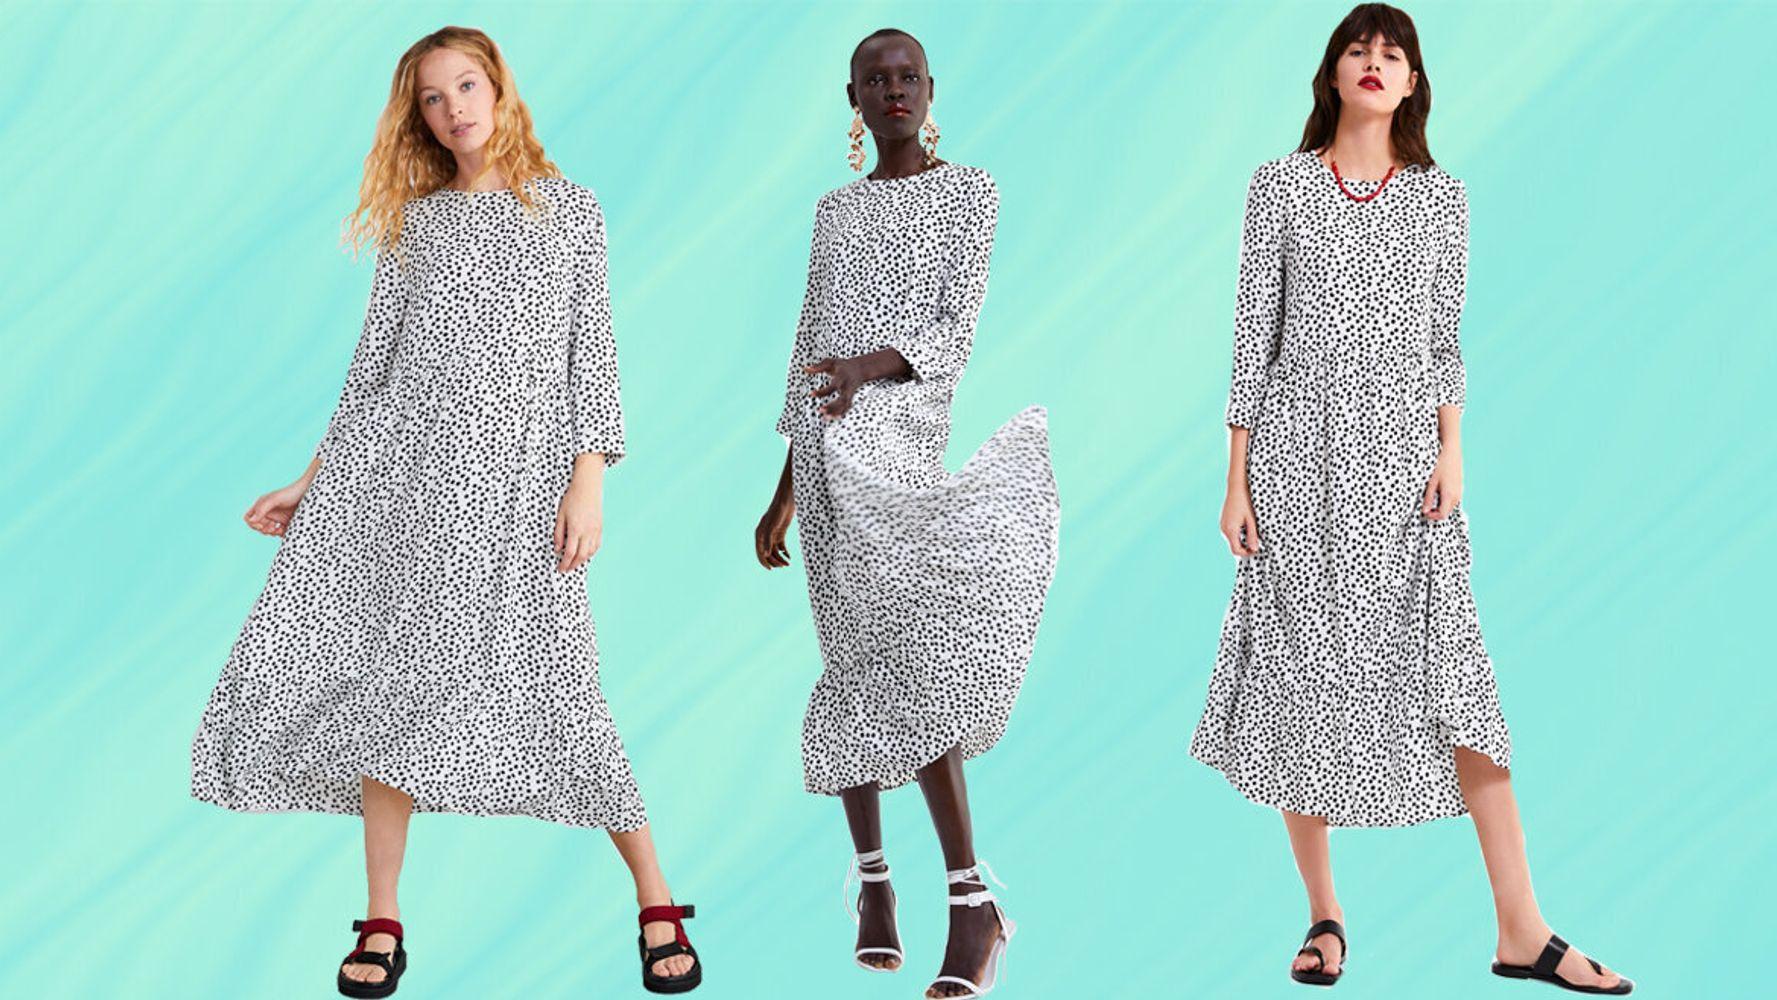 That Zara dress Huff post speckled look kitchen worktops?